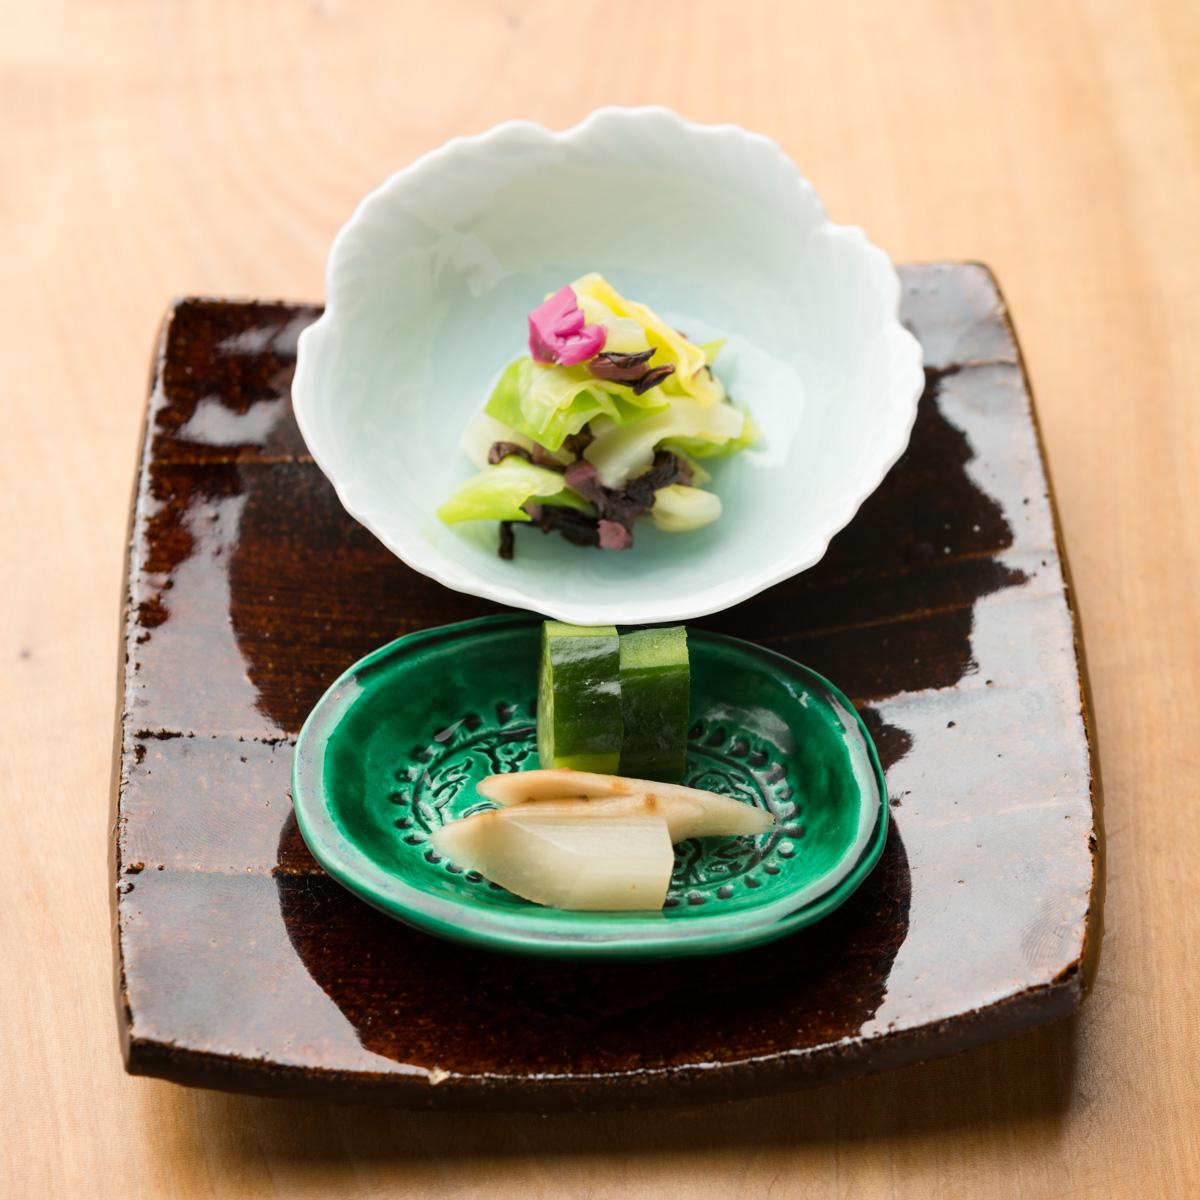 御飯物|鯛と菜の花の炊き込み御飯、ふきとわかめの赤出汁